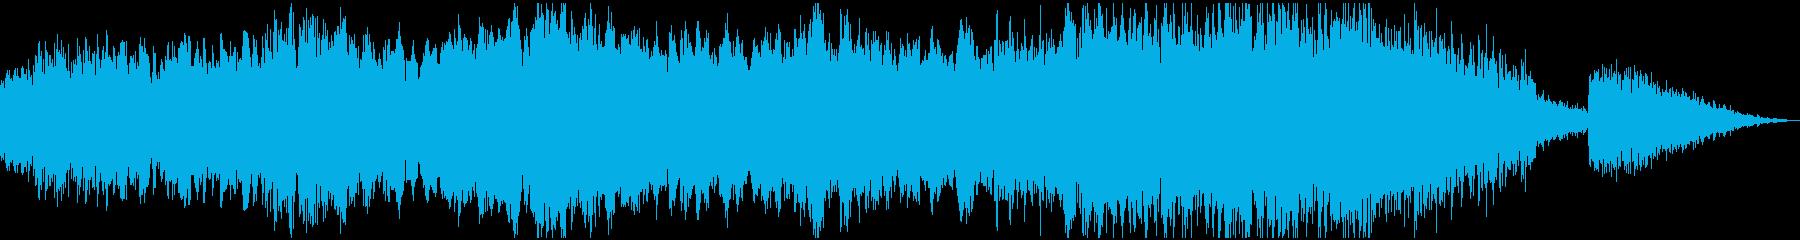 【ダークアンビエント】 占拠の再生済みの波形